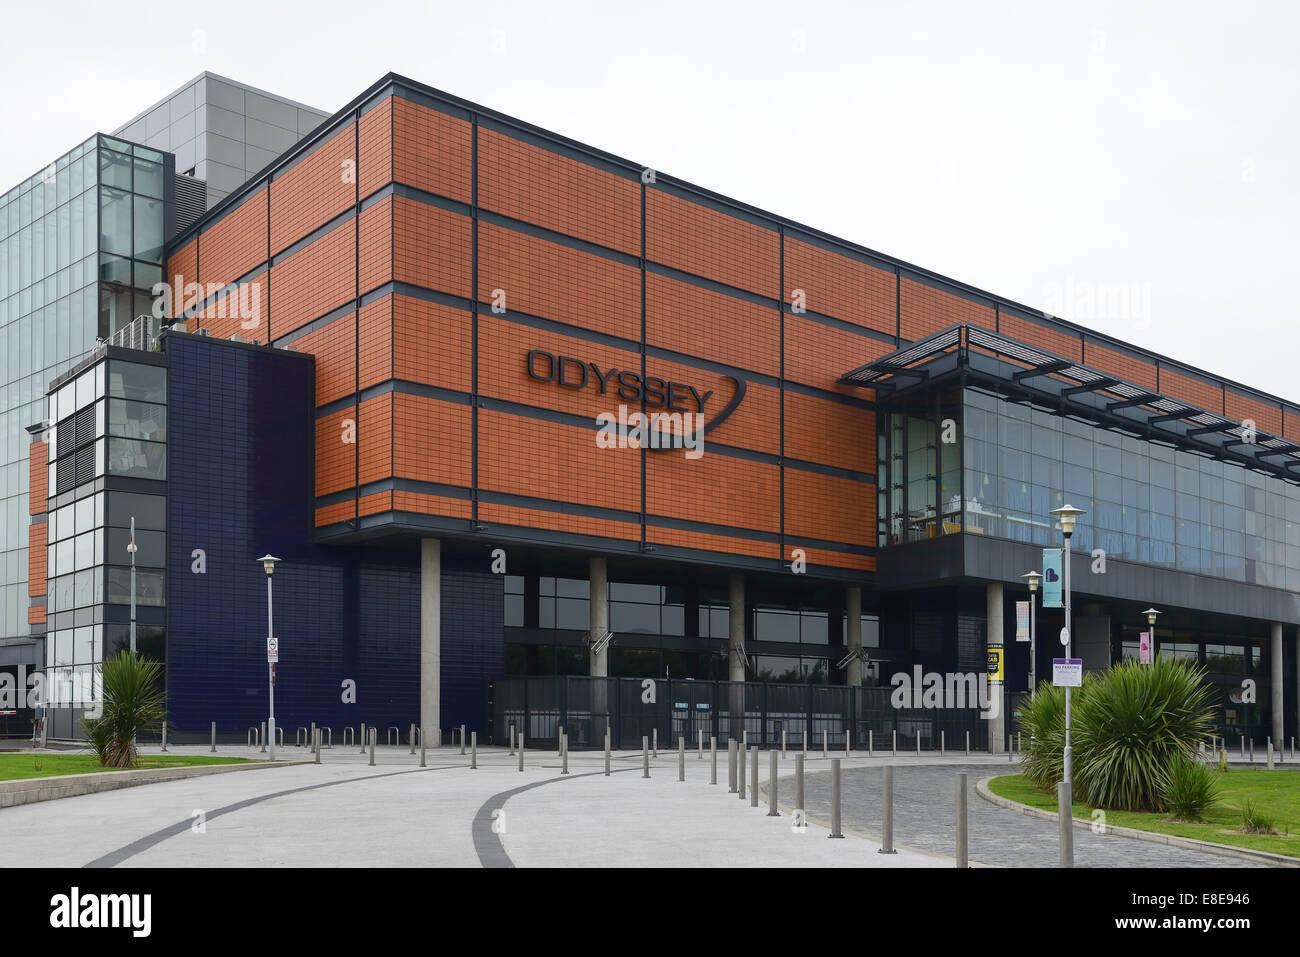 Odyssey Arena lugar de entretenimiento, Belfast, Irlanda del Norte, REINO UNIDO Imagen De Stock